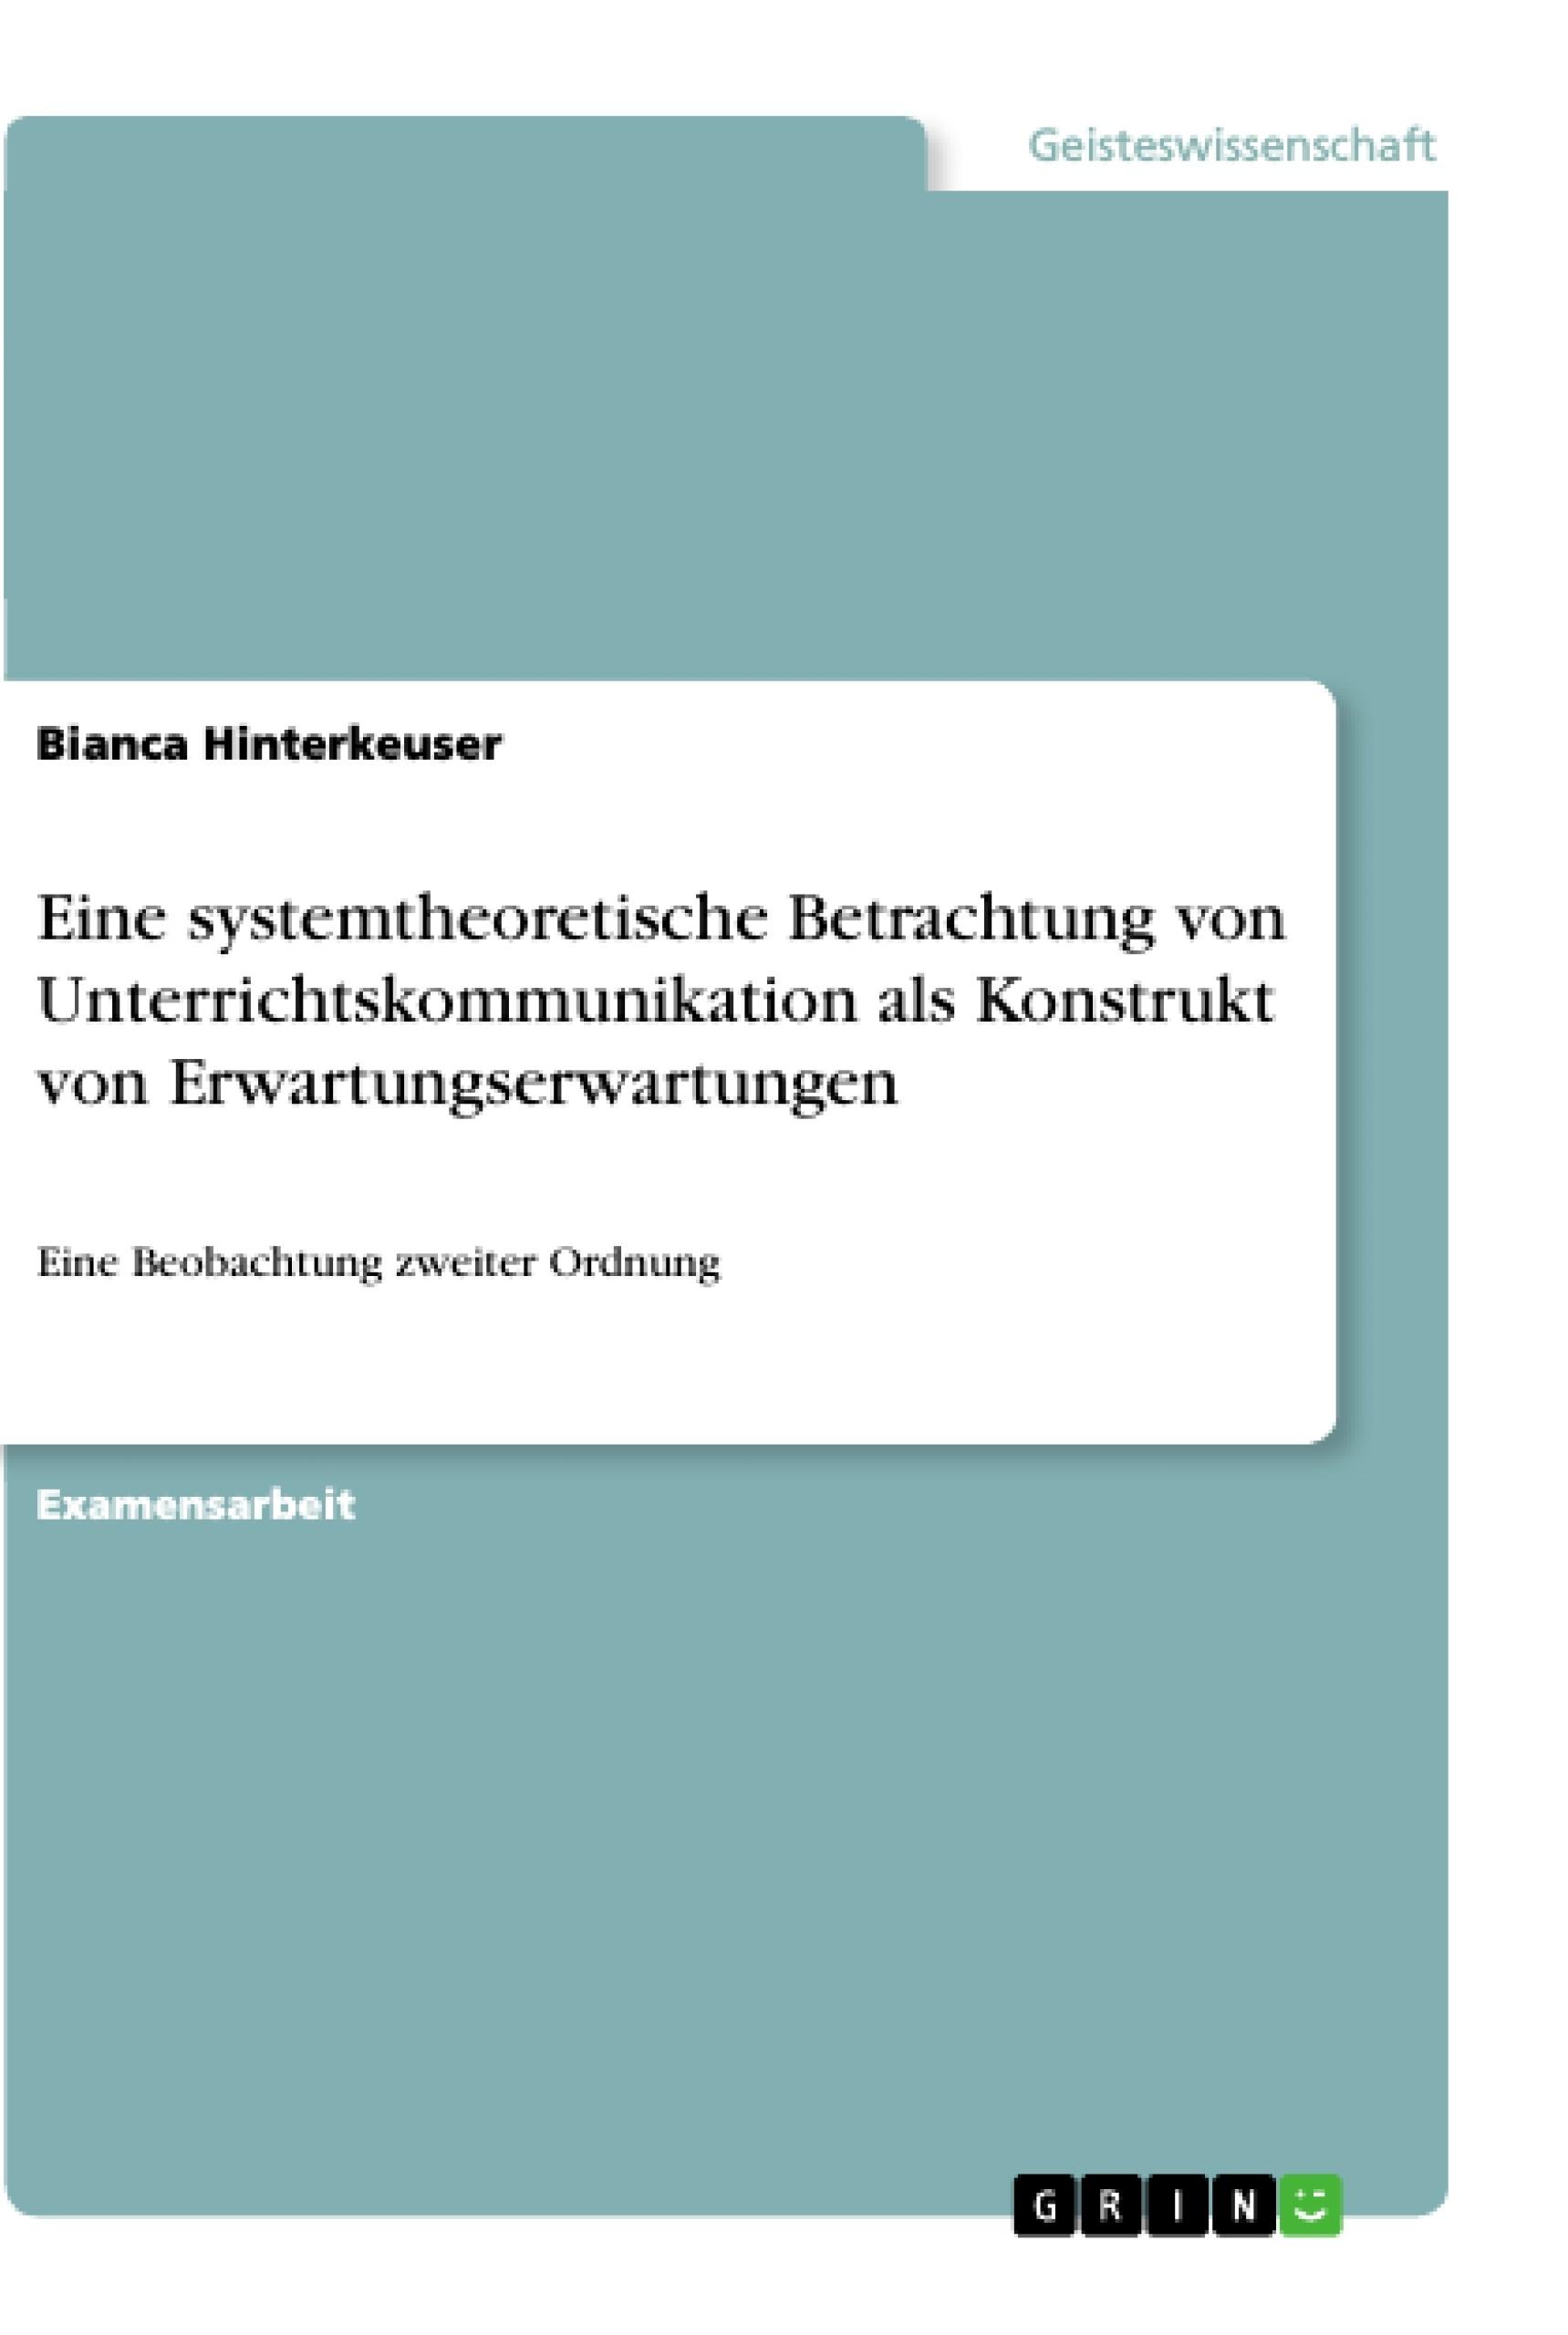 Titel: Eine systemtheoretische Betrachtung von Unterrichtskommunikation als Konstrukt von Erwartungserwartungen